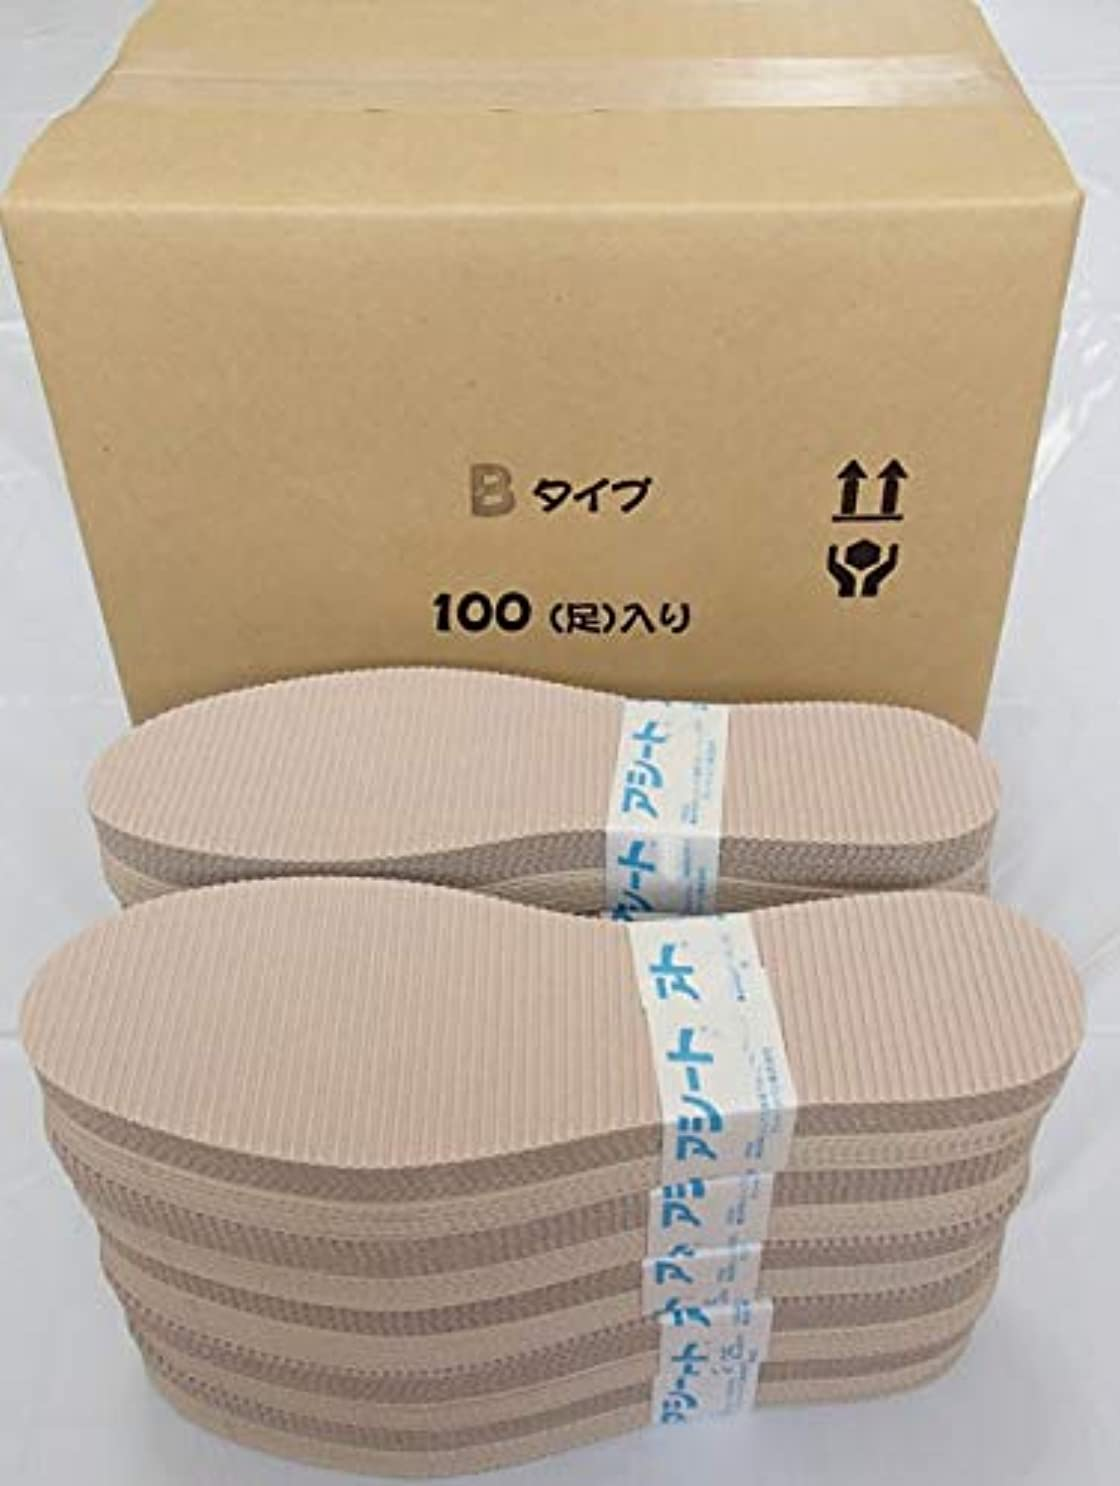 ソケット現れる昆虫を見るアシートBタイプお徳用パック100足入り (21.5~22.0cm)